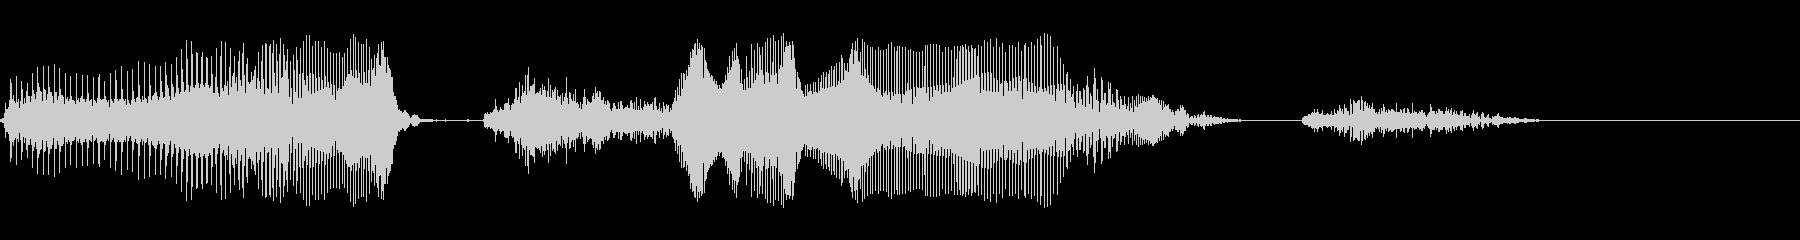 エクセレントの未再生の波形